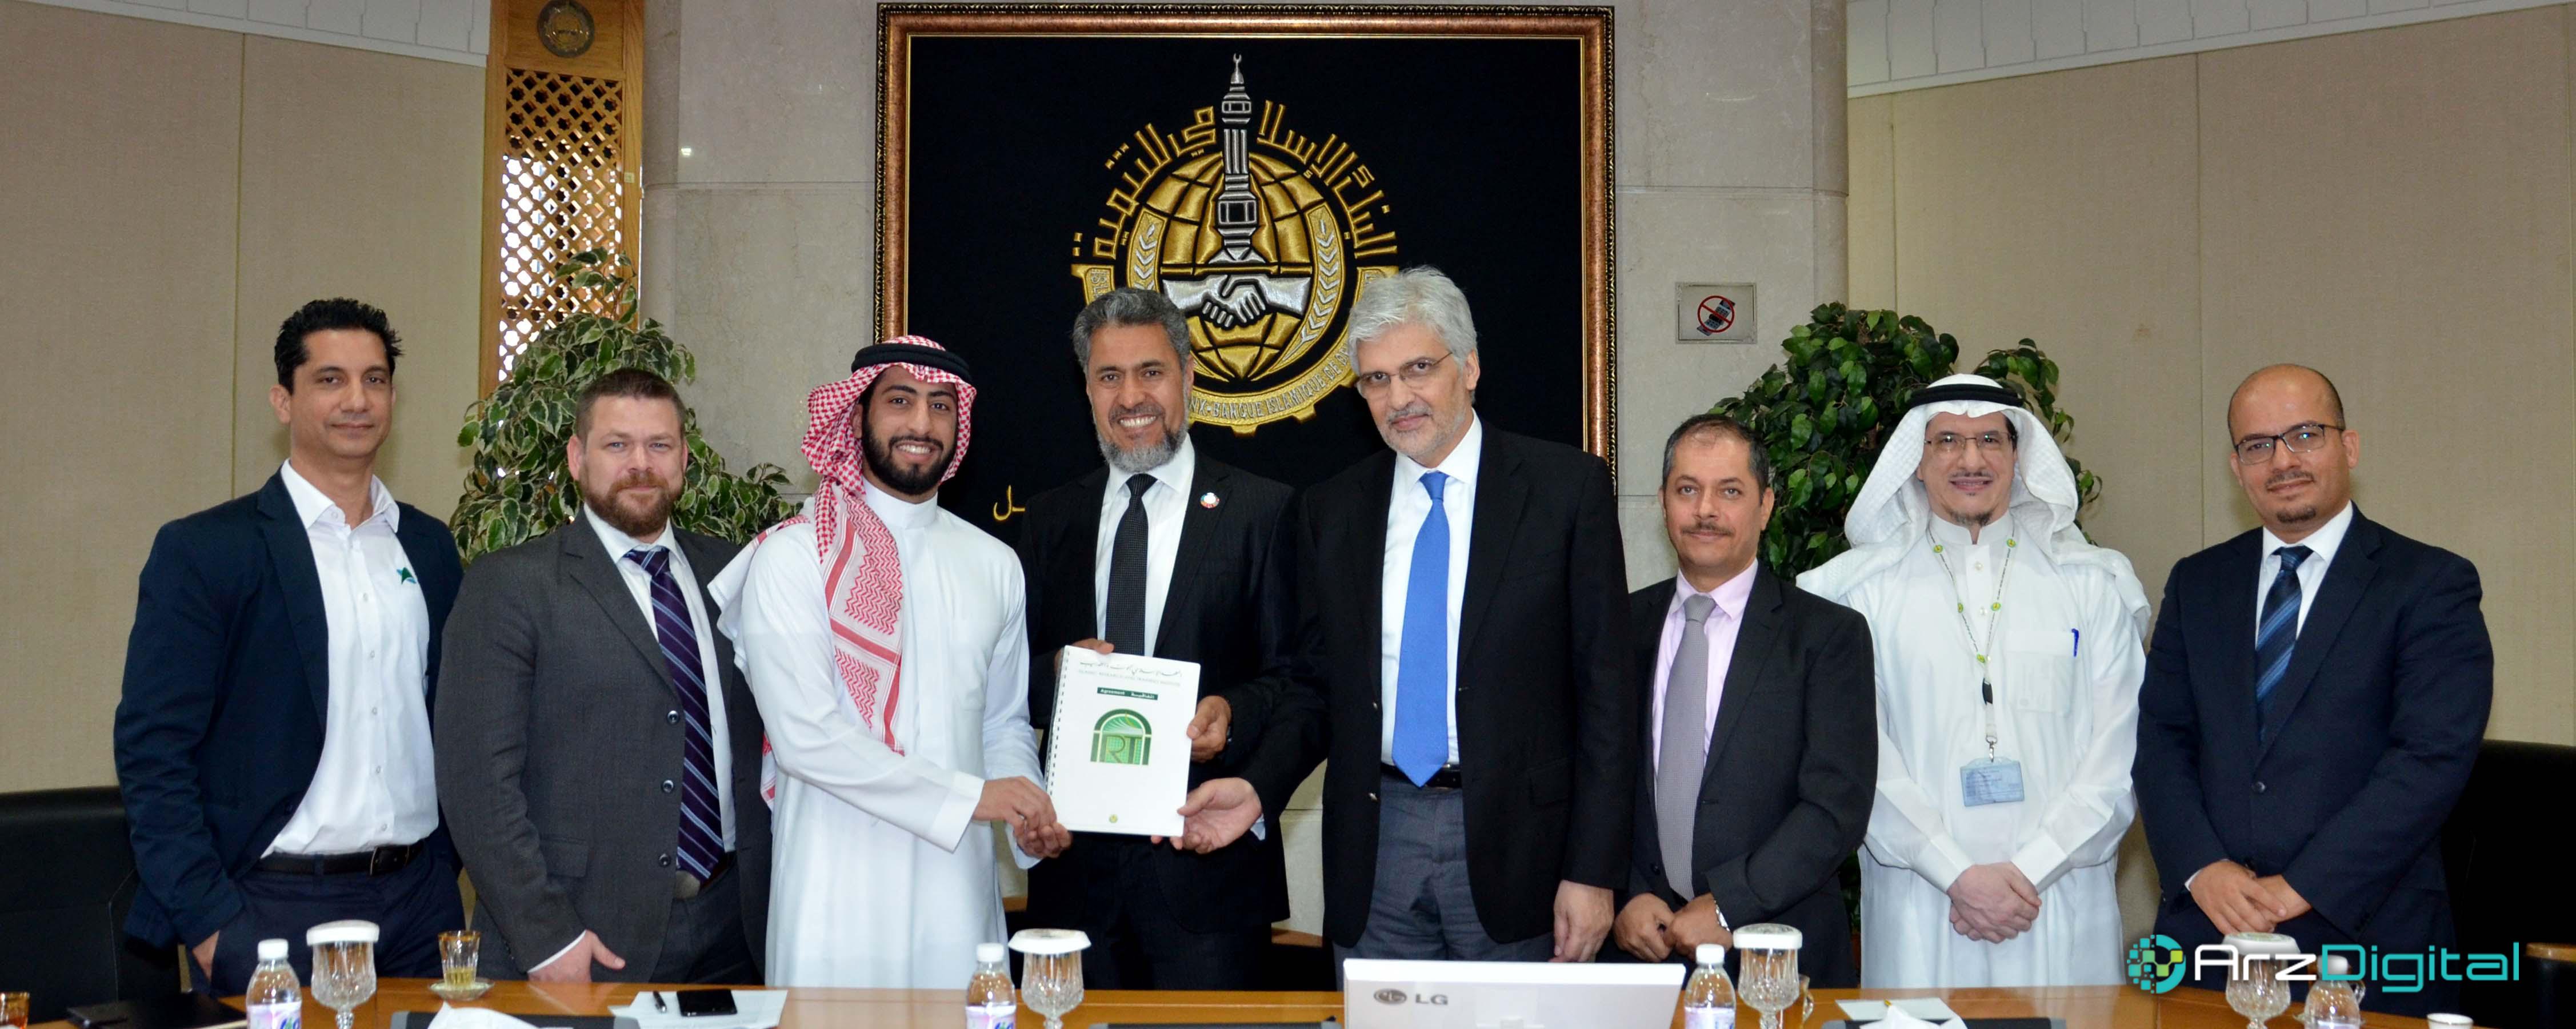 بانک توسعه اسلامی در حال تحقیق در خصوص محصولات بلاکچِین مطابق با شریعت اسلام